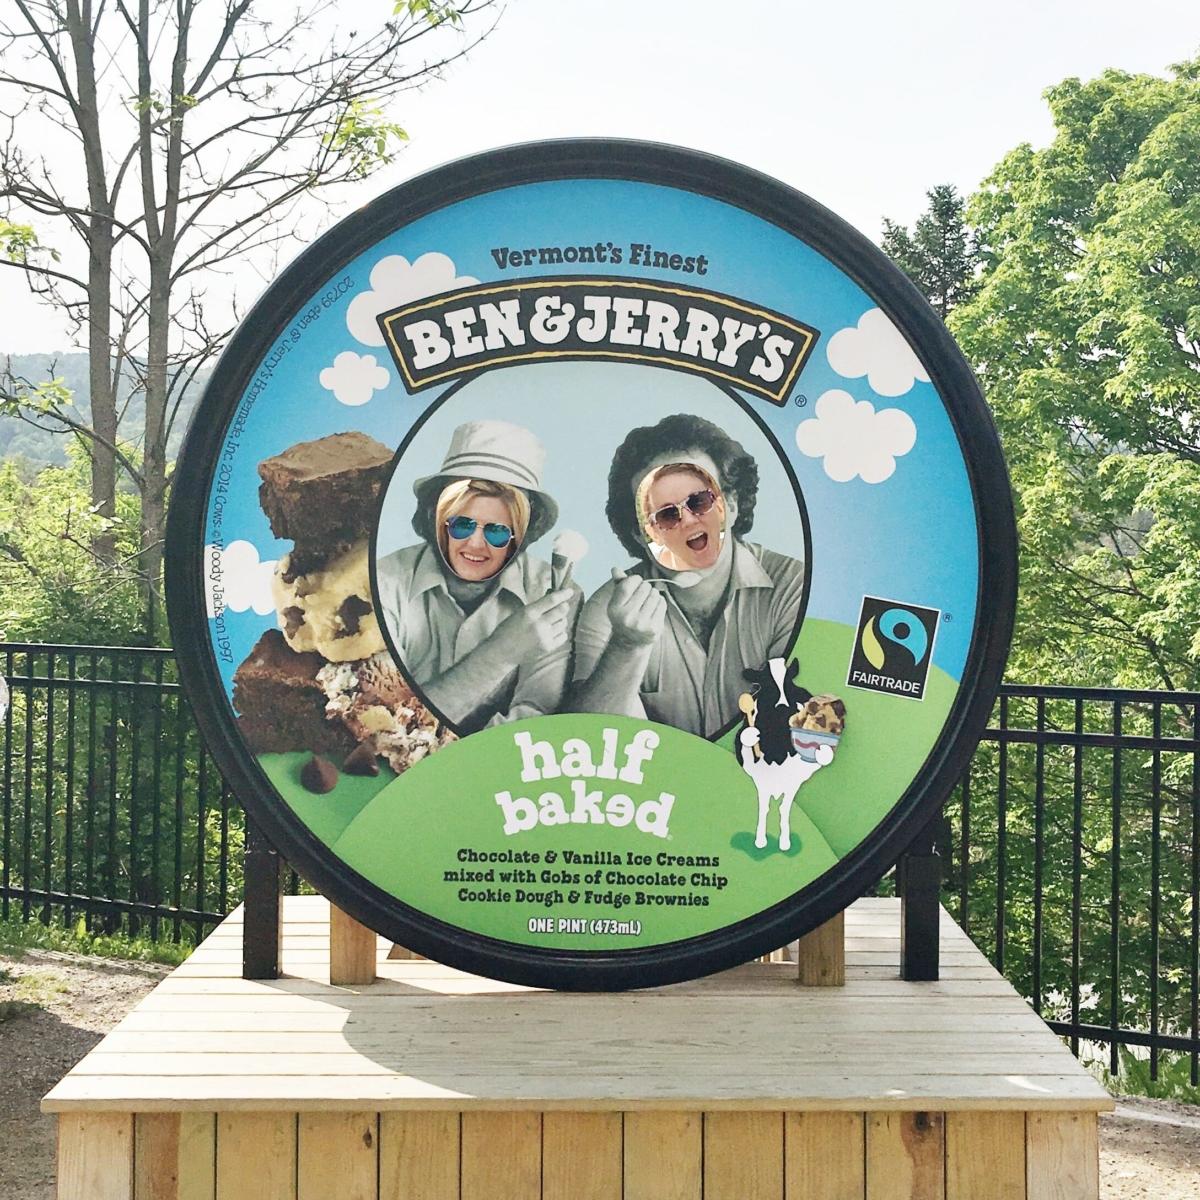 Burlington, Vermont with Ben & Jerry's